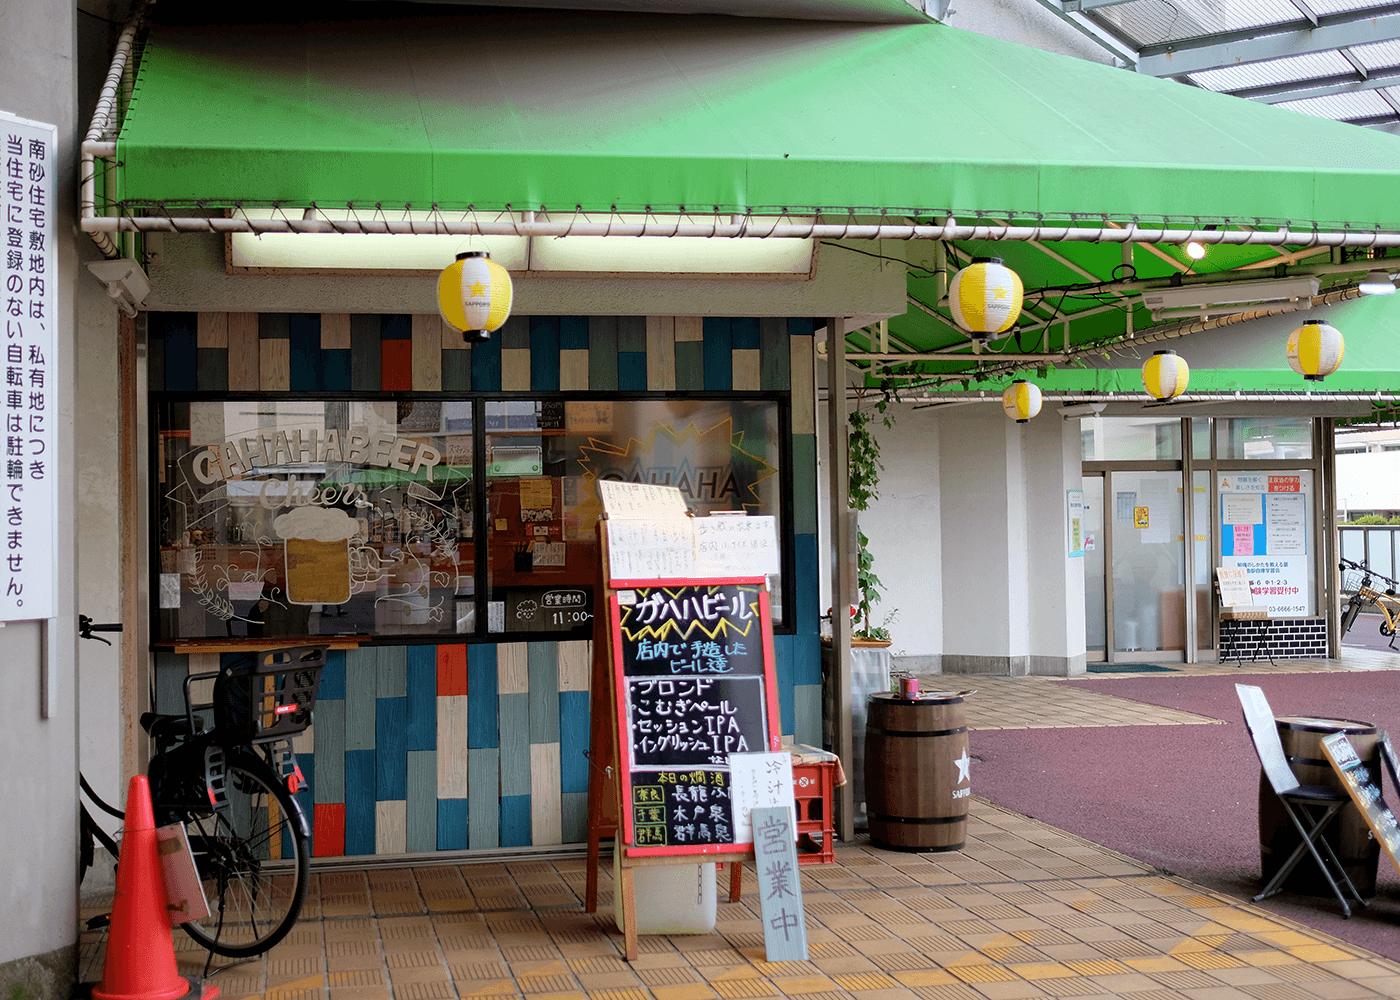 ガハハビール(gahahabeer)